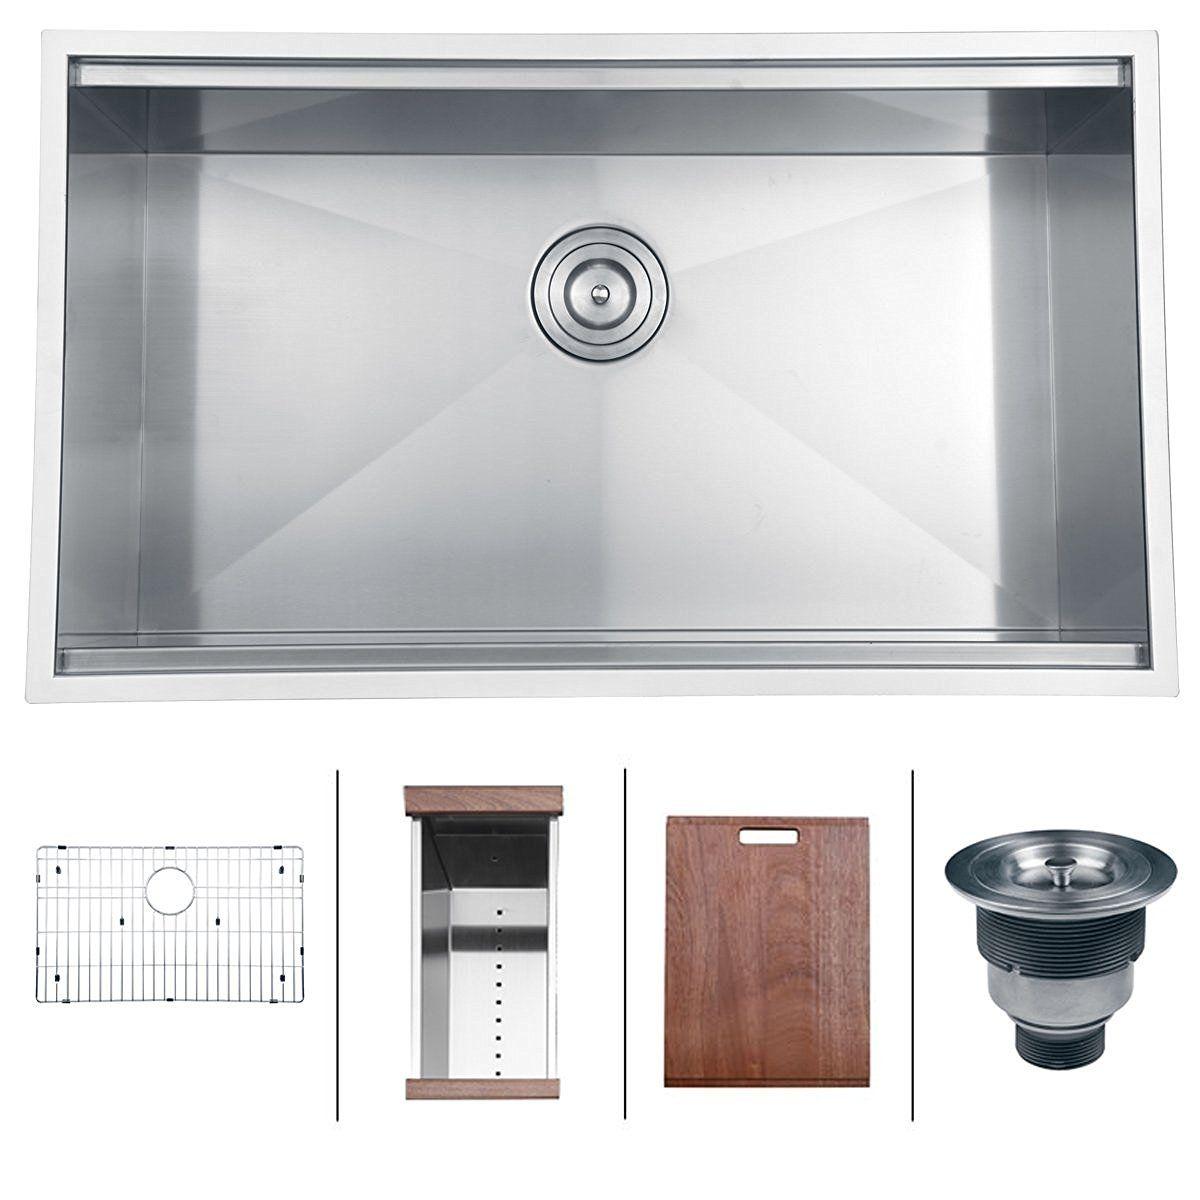 ruvati rvh8300 undermount ledge 16 gauge 32″ kitchen sink single